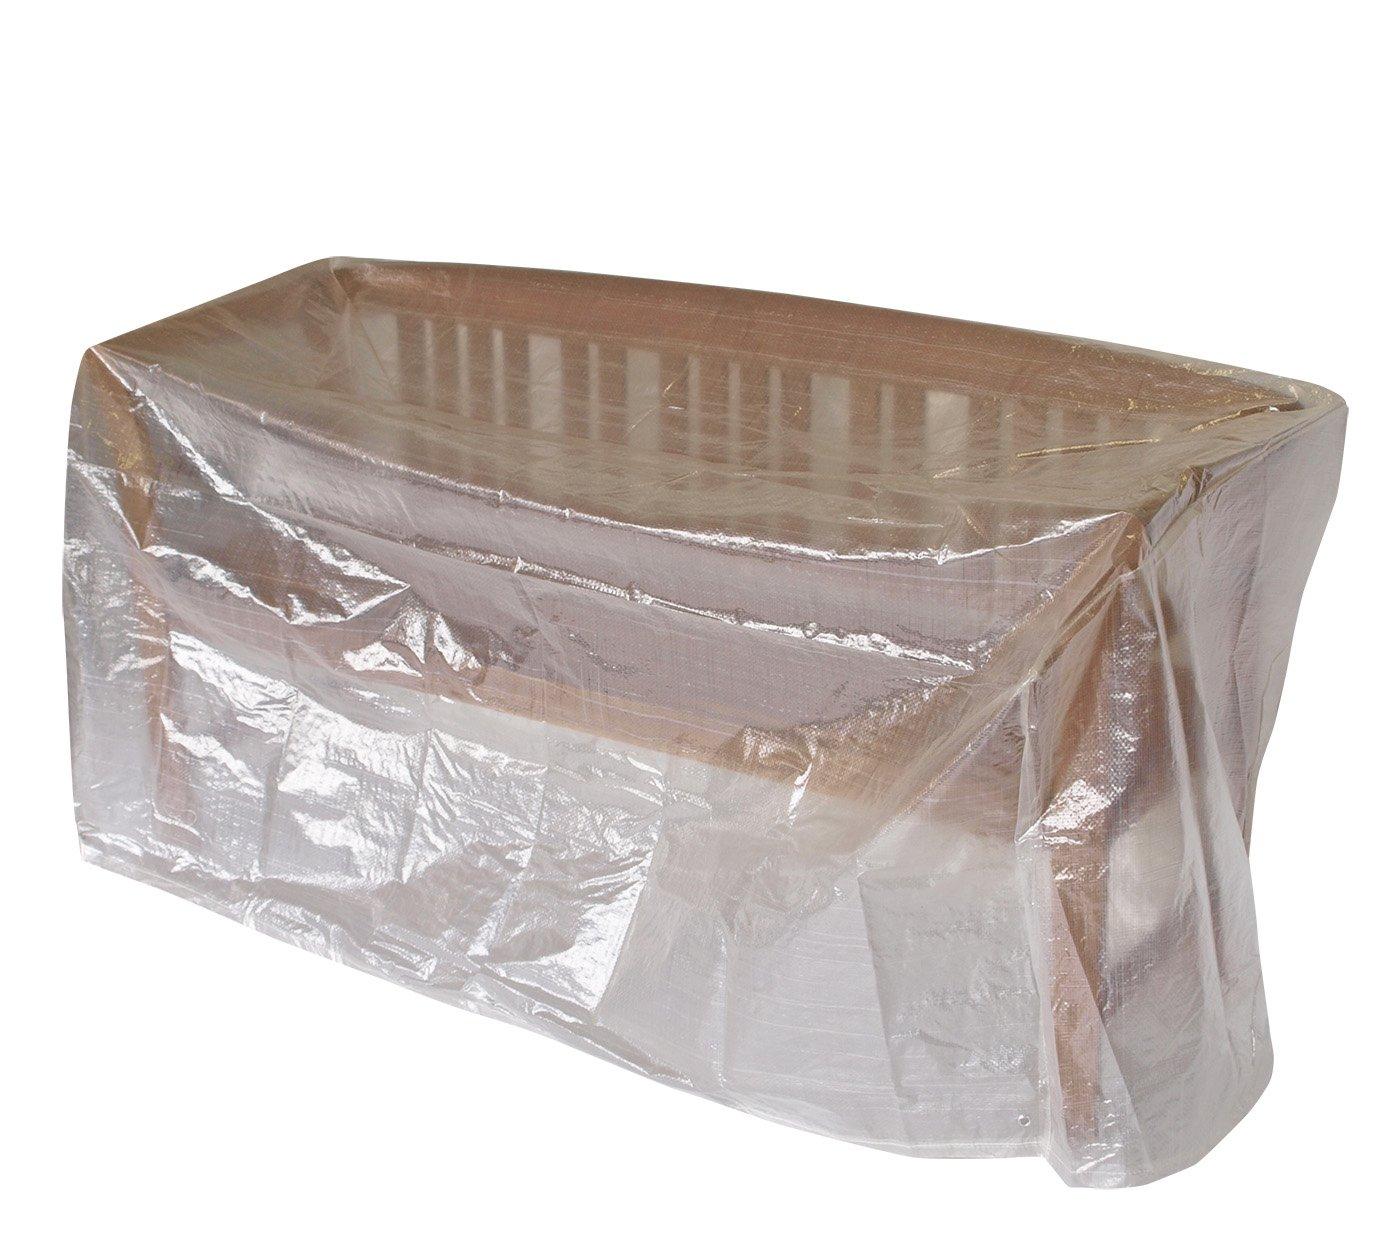 Amazon.de: Abdeckhaube Bank 2-sitzer 134cm, PE transparent